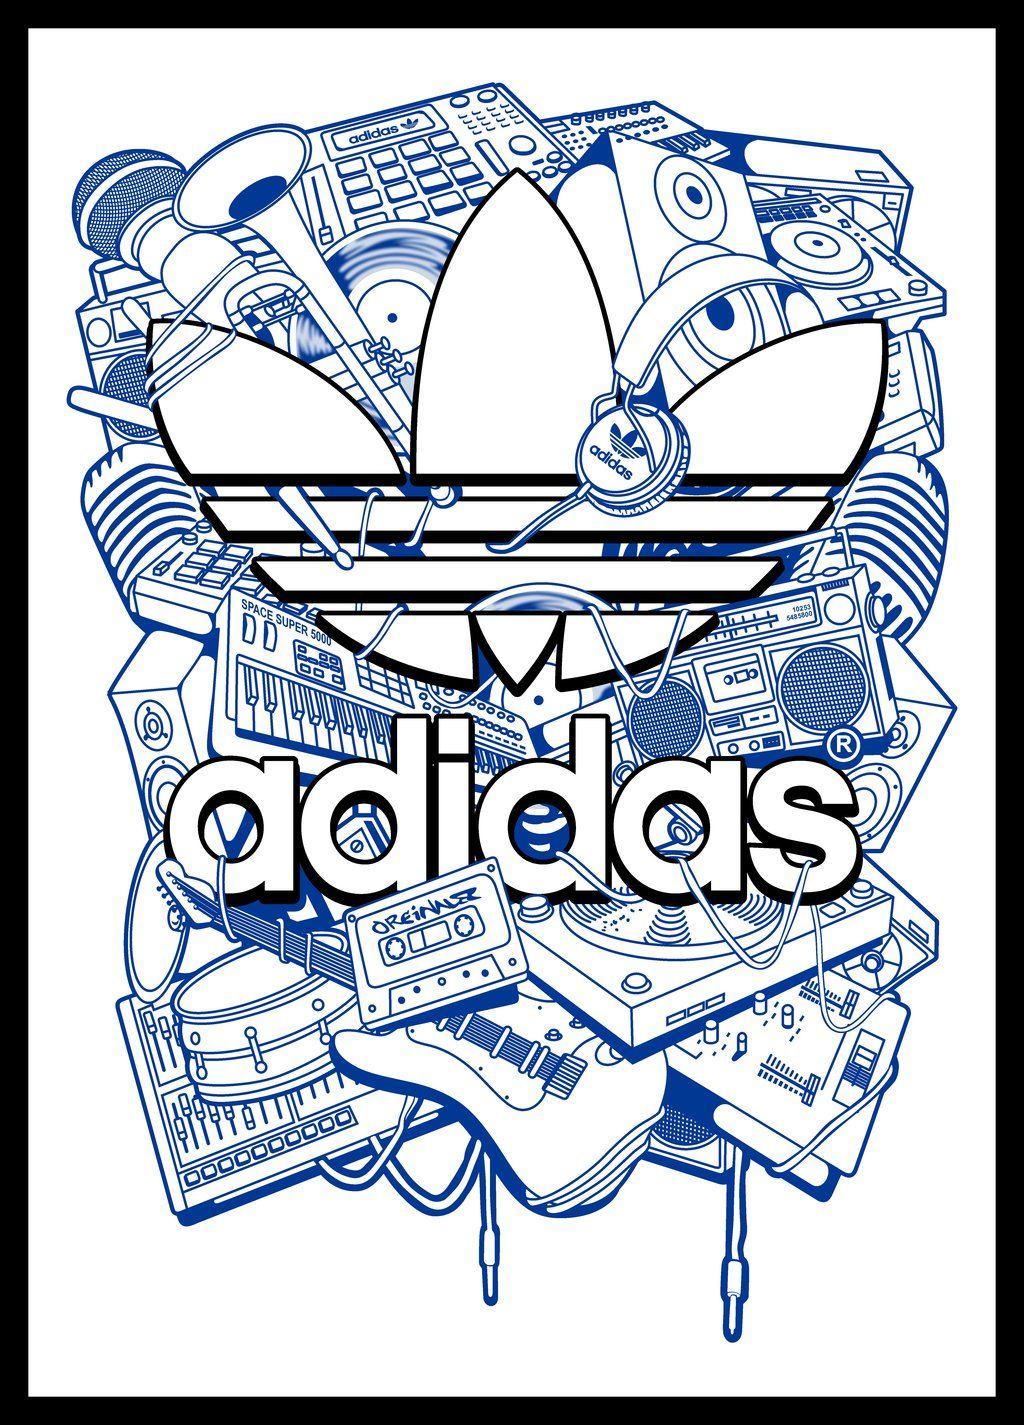 Cuando hará Alegre  adidas Vector (Terminado) by linkinos | Adidas logo wallpapers, Adidas  wallpapers, Adidas art